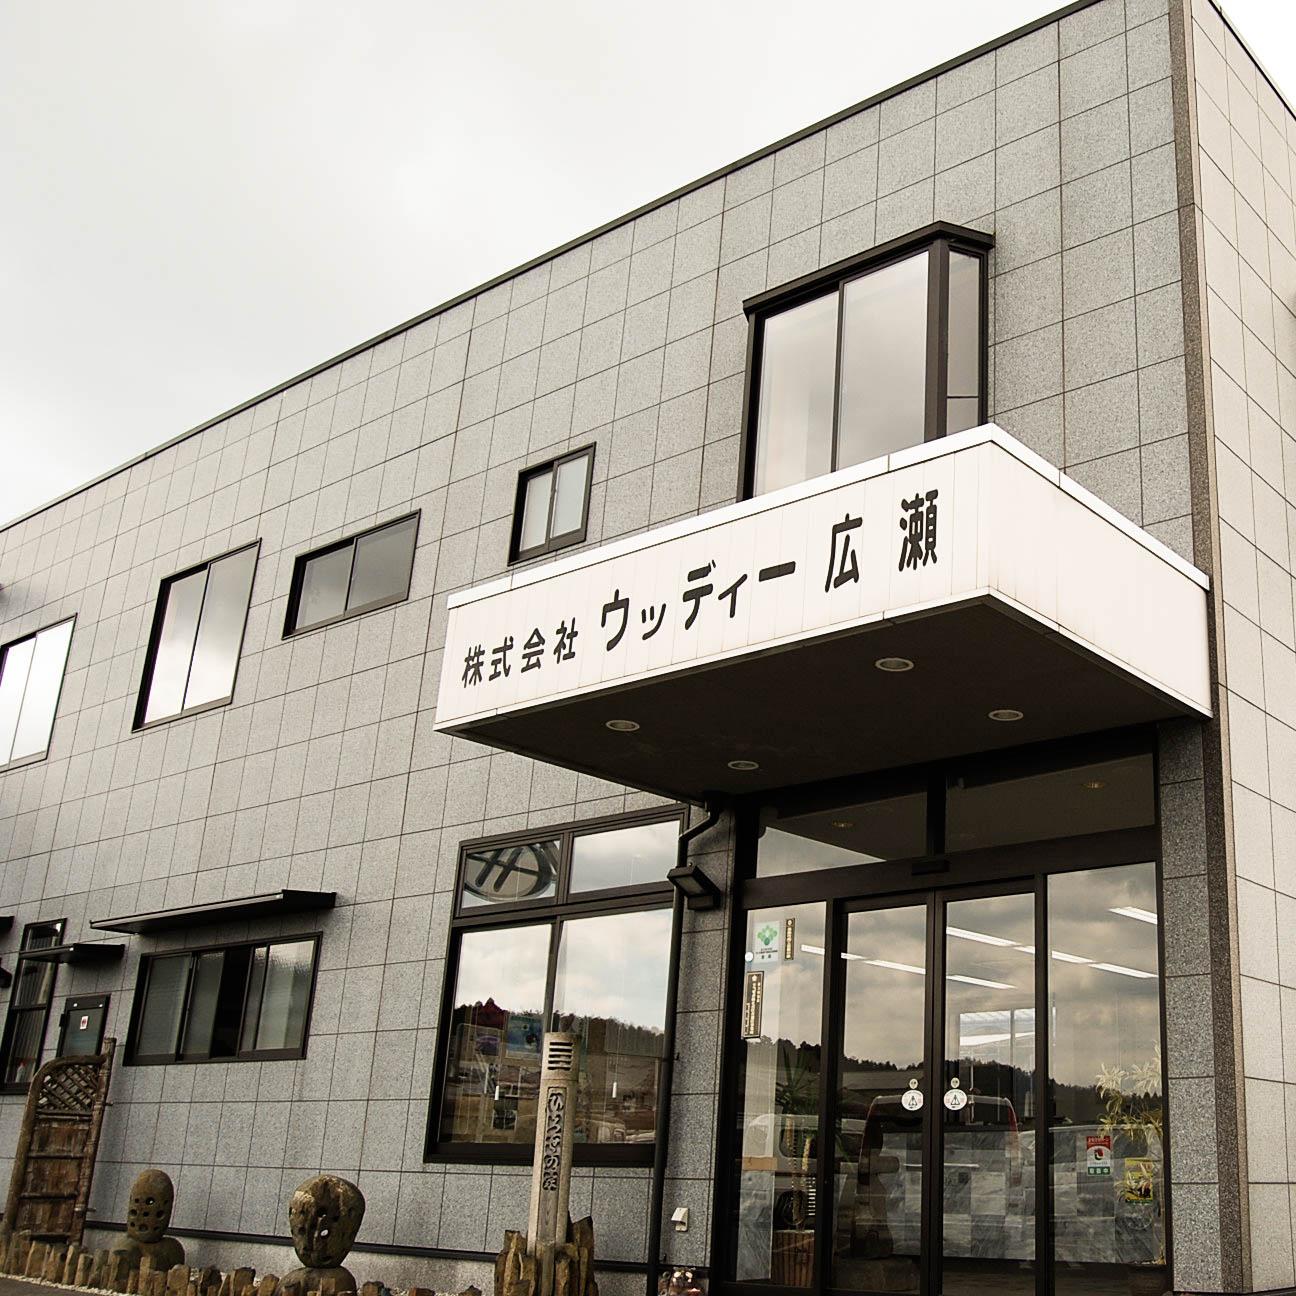 株式会社 ウッディー広瀬【画像】